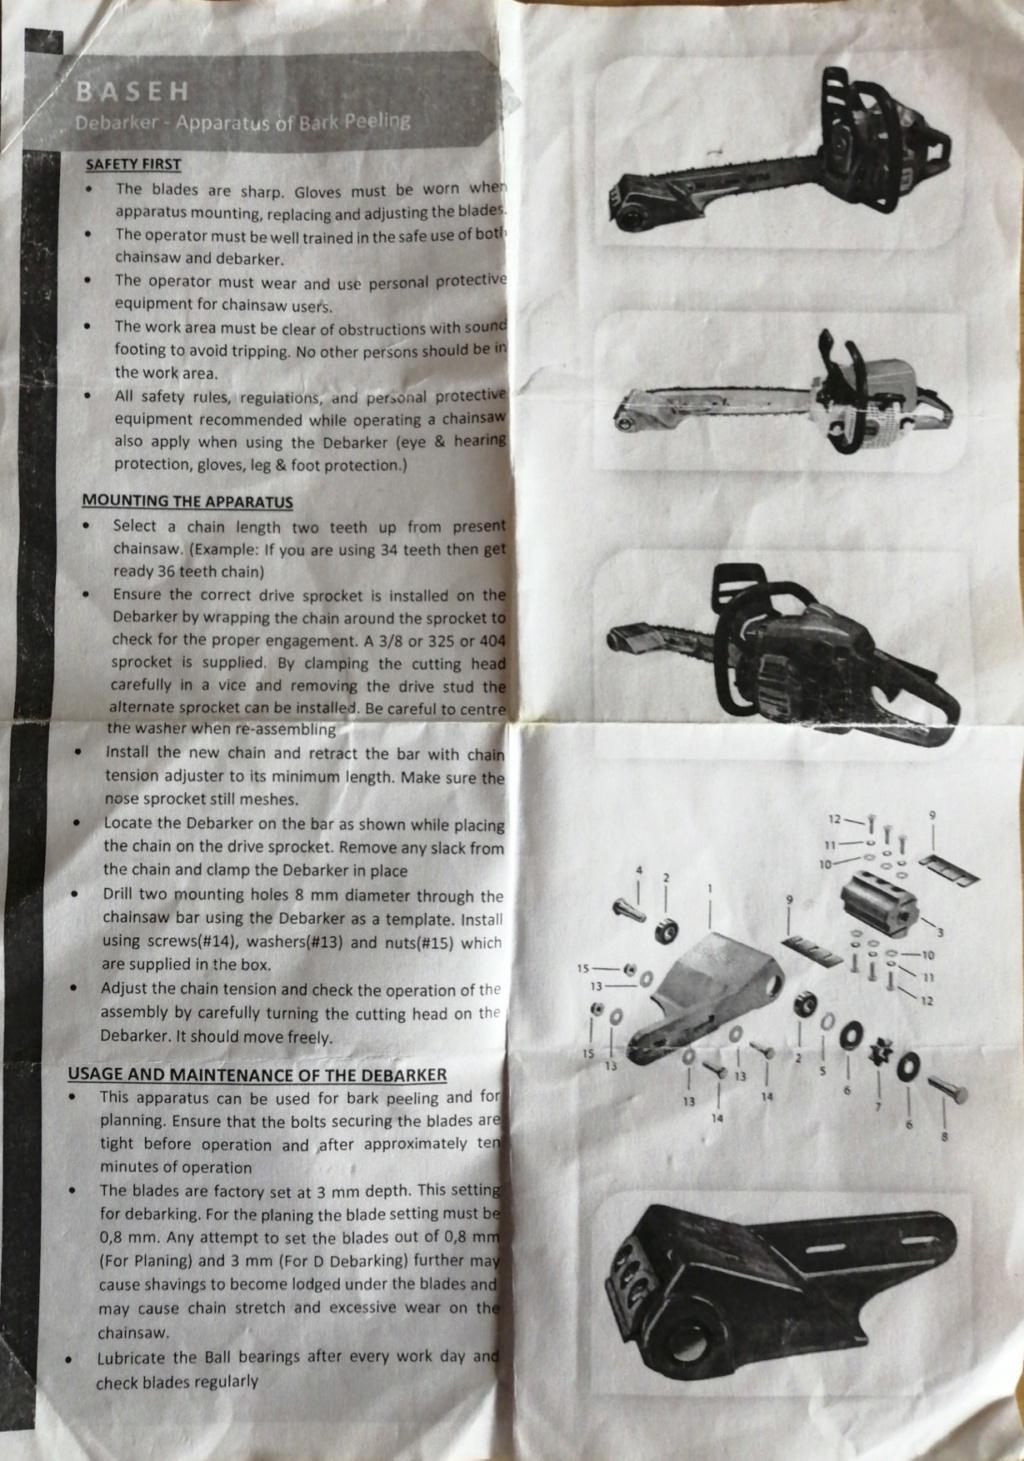 motoseghe con dotazioni da carpenteria legno - Pagina 2 Debark10